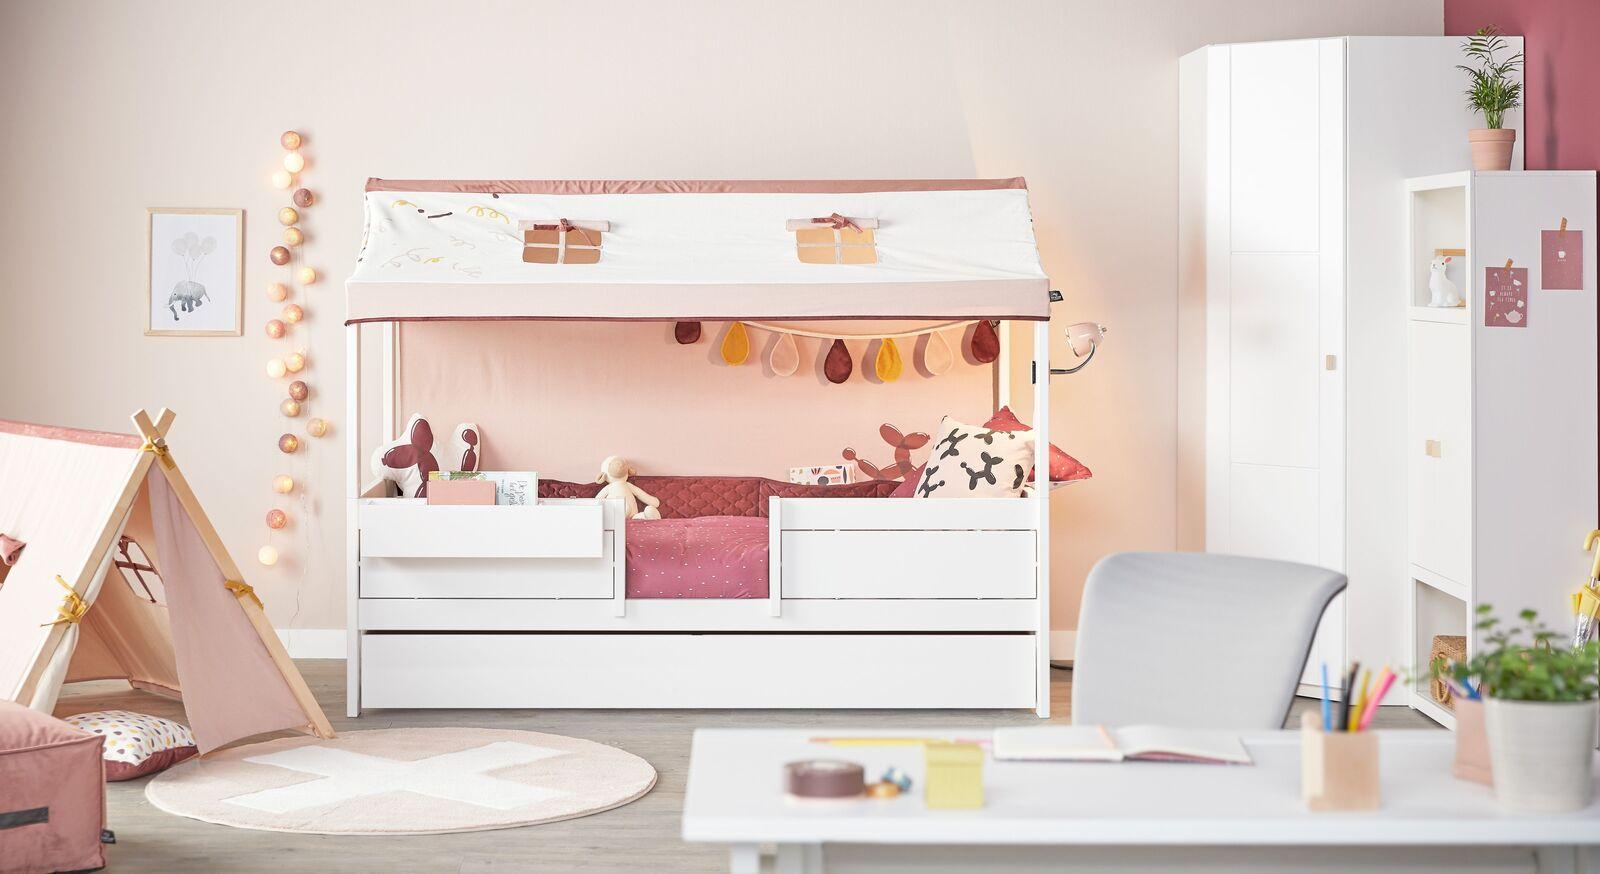 LIFETIME 4-in-1 Kinderbett Funland mit passenden Beimöbeln